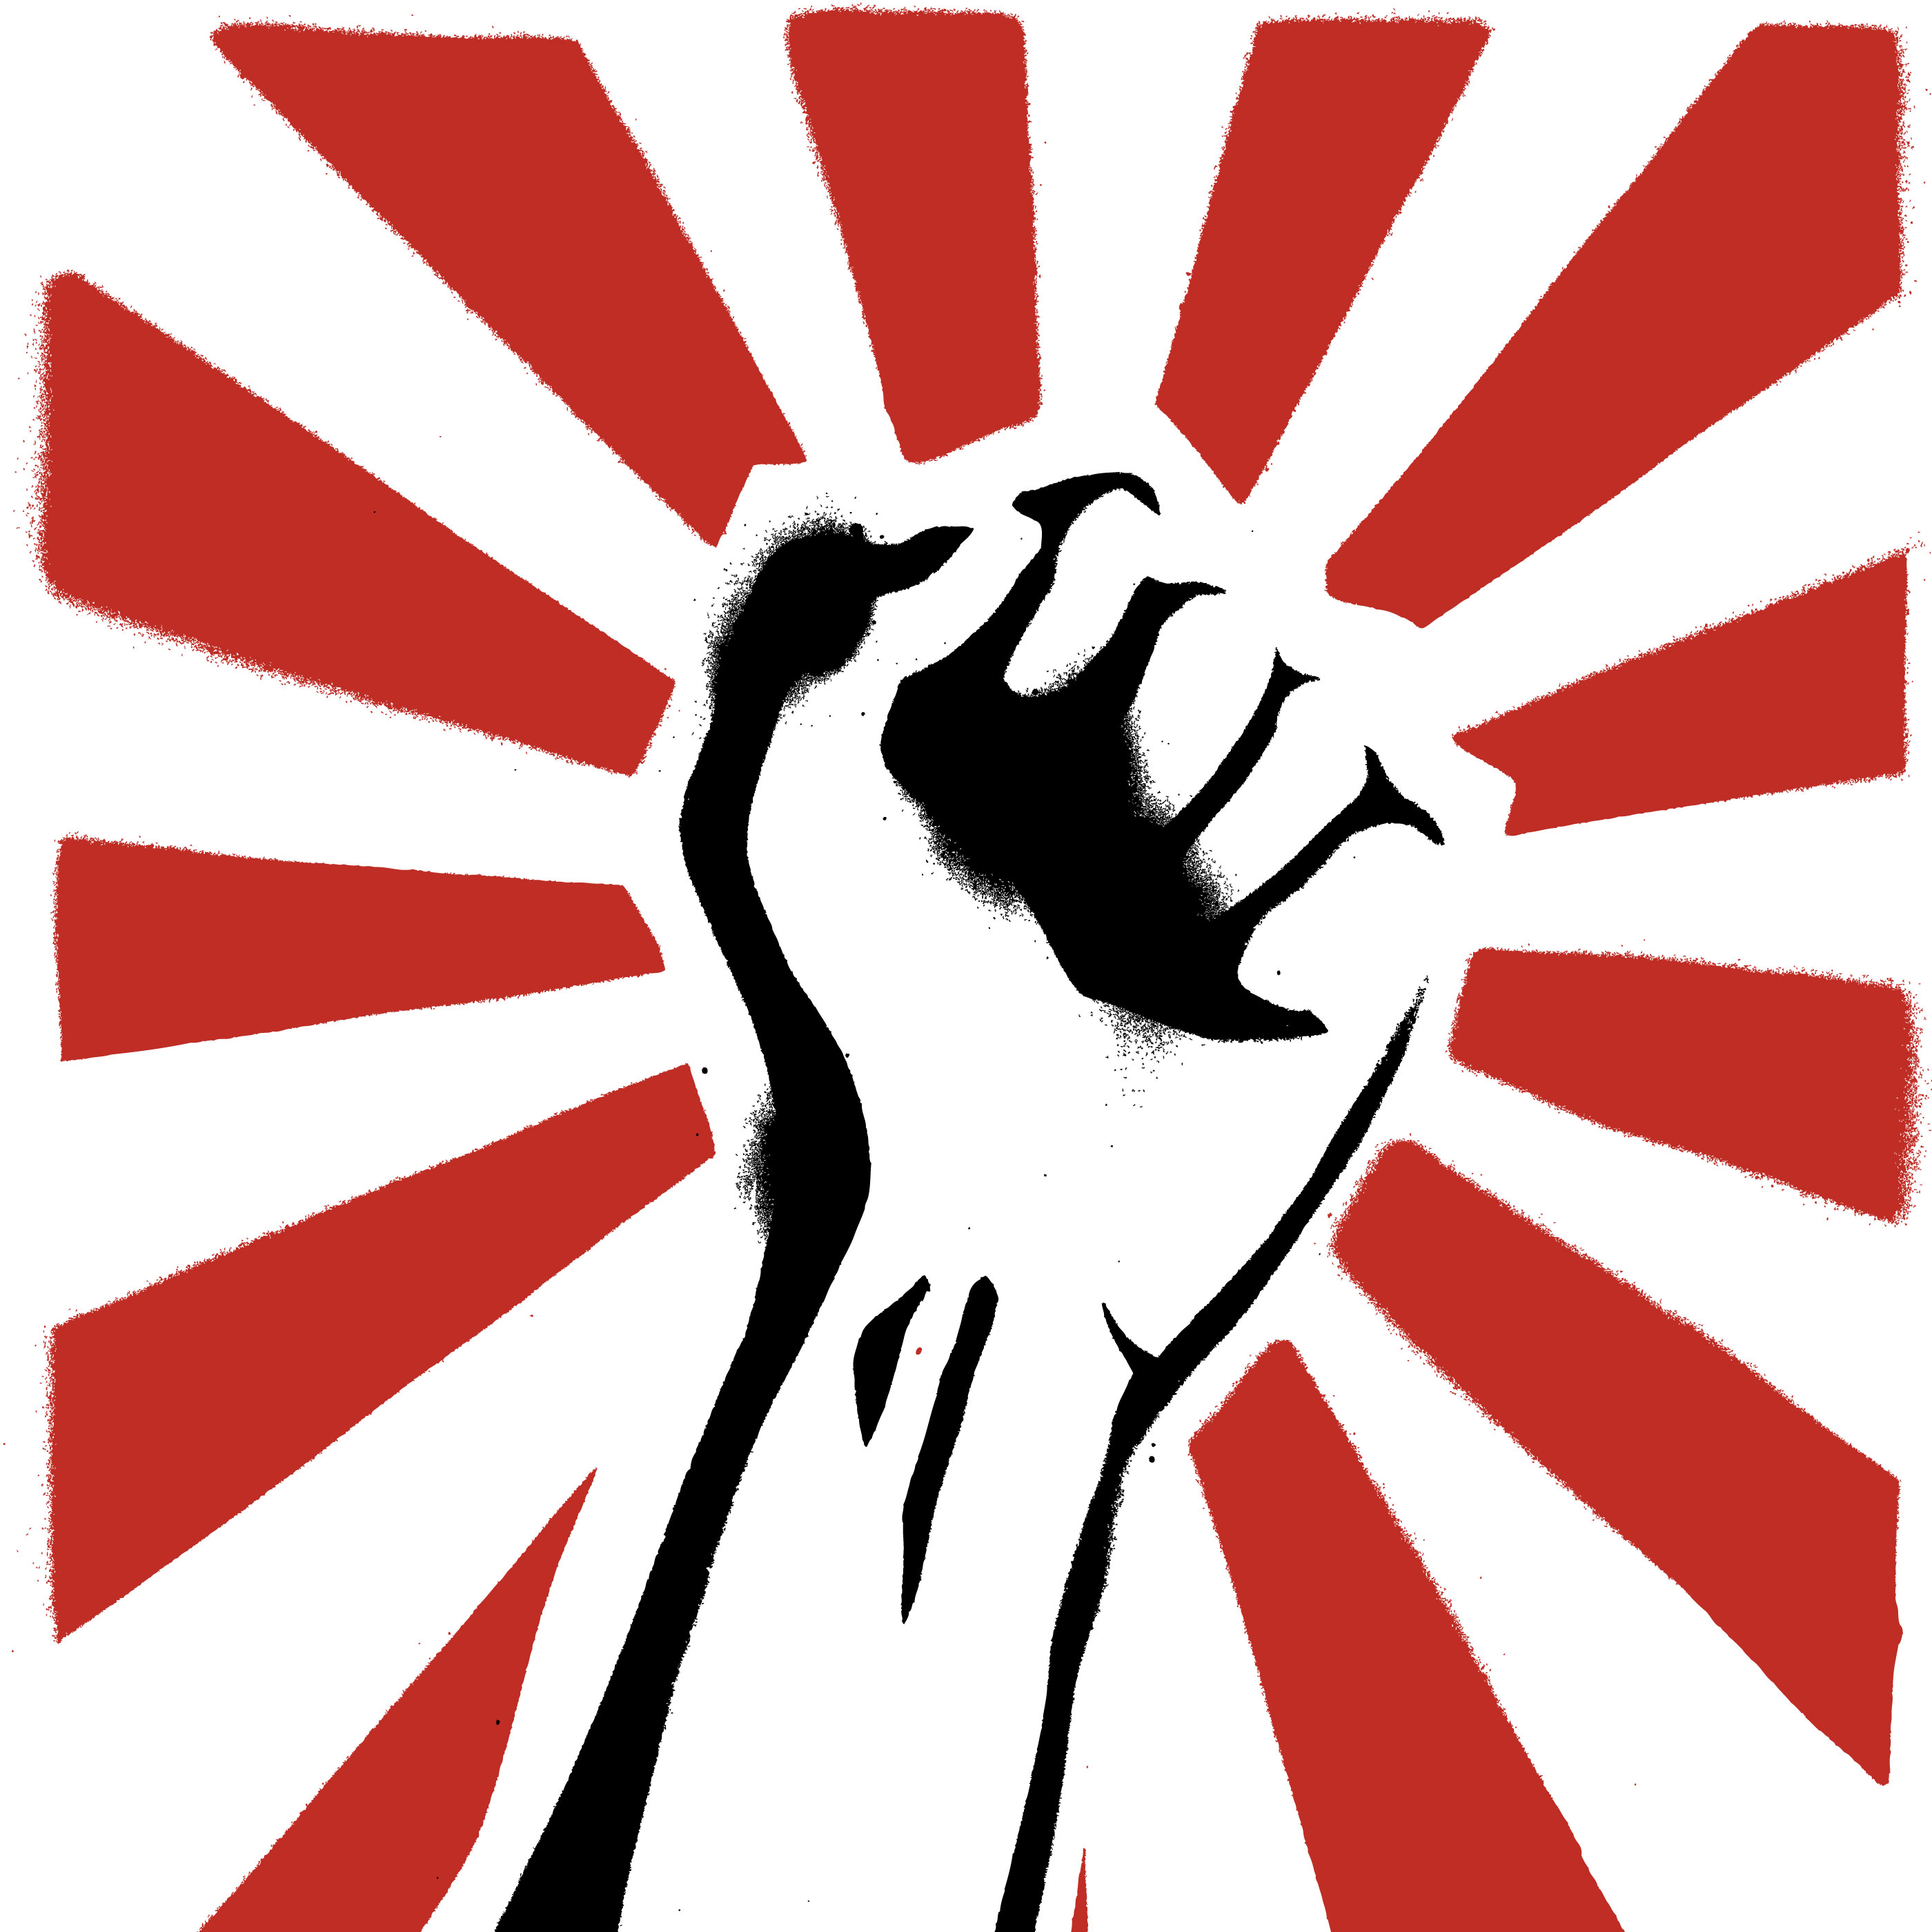 Revolution Fist.